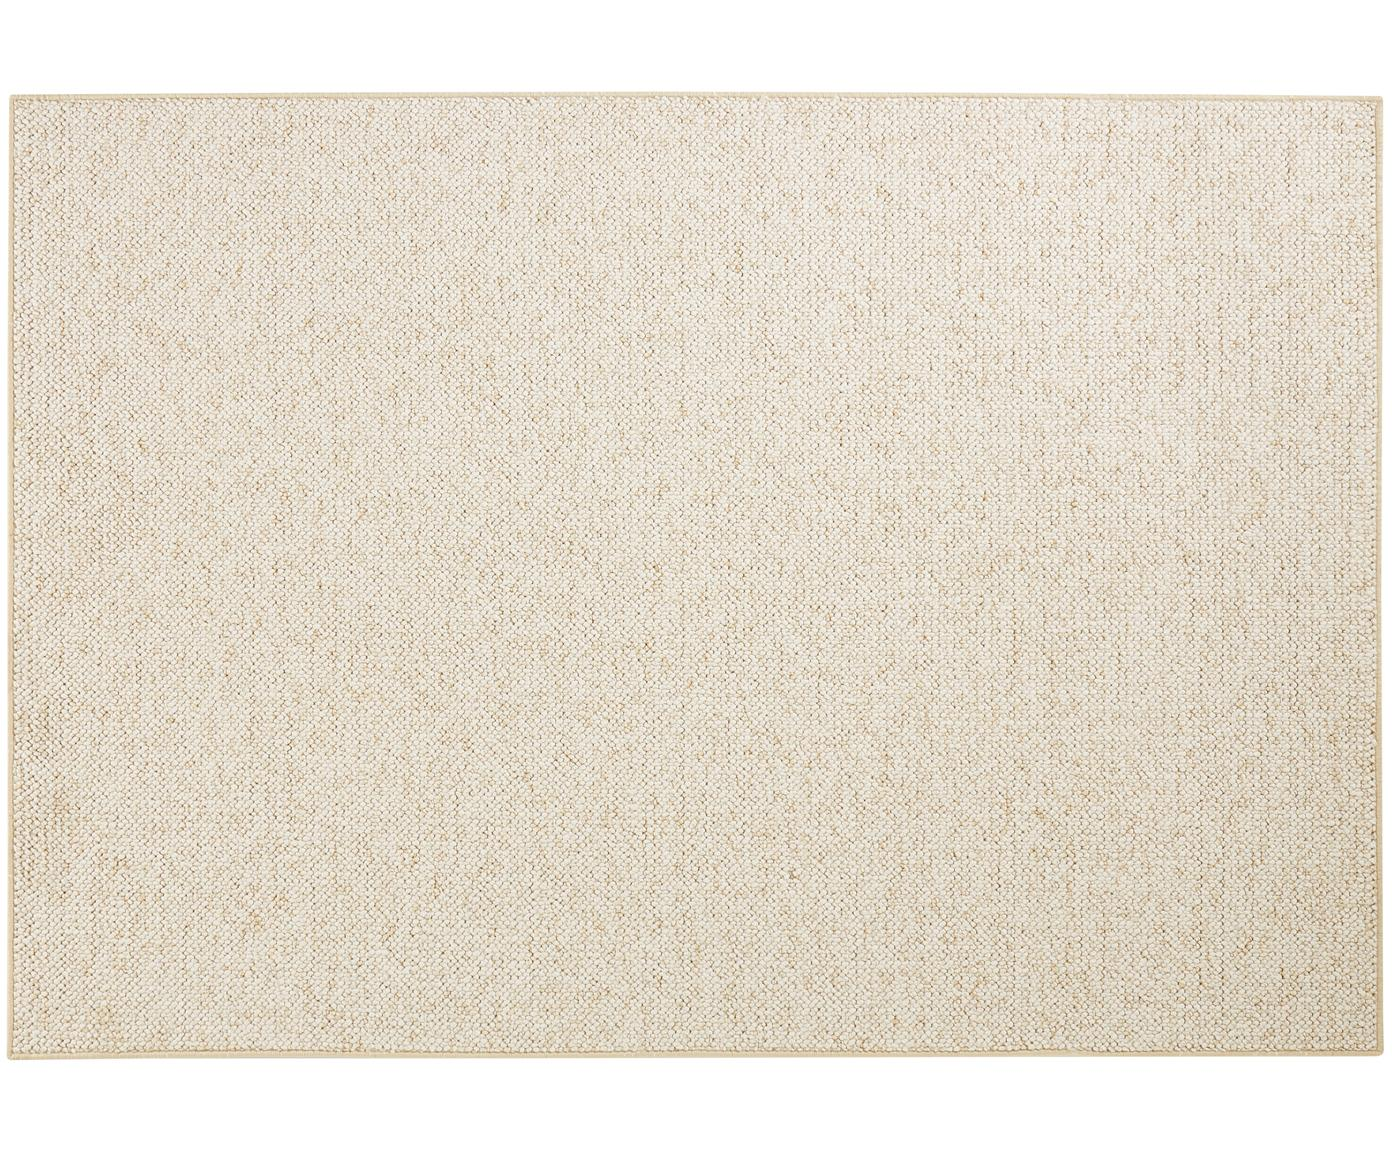 Okrągły dywan z widoczną strukturą Lyon, Kremowy, mieszany, S 100 x D 140 cm (Rozmiar XS)